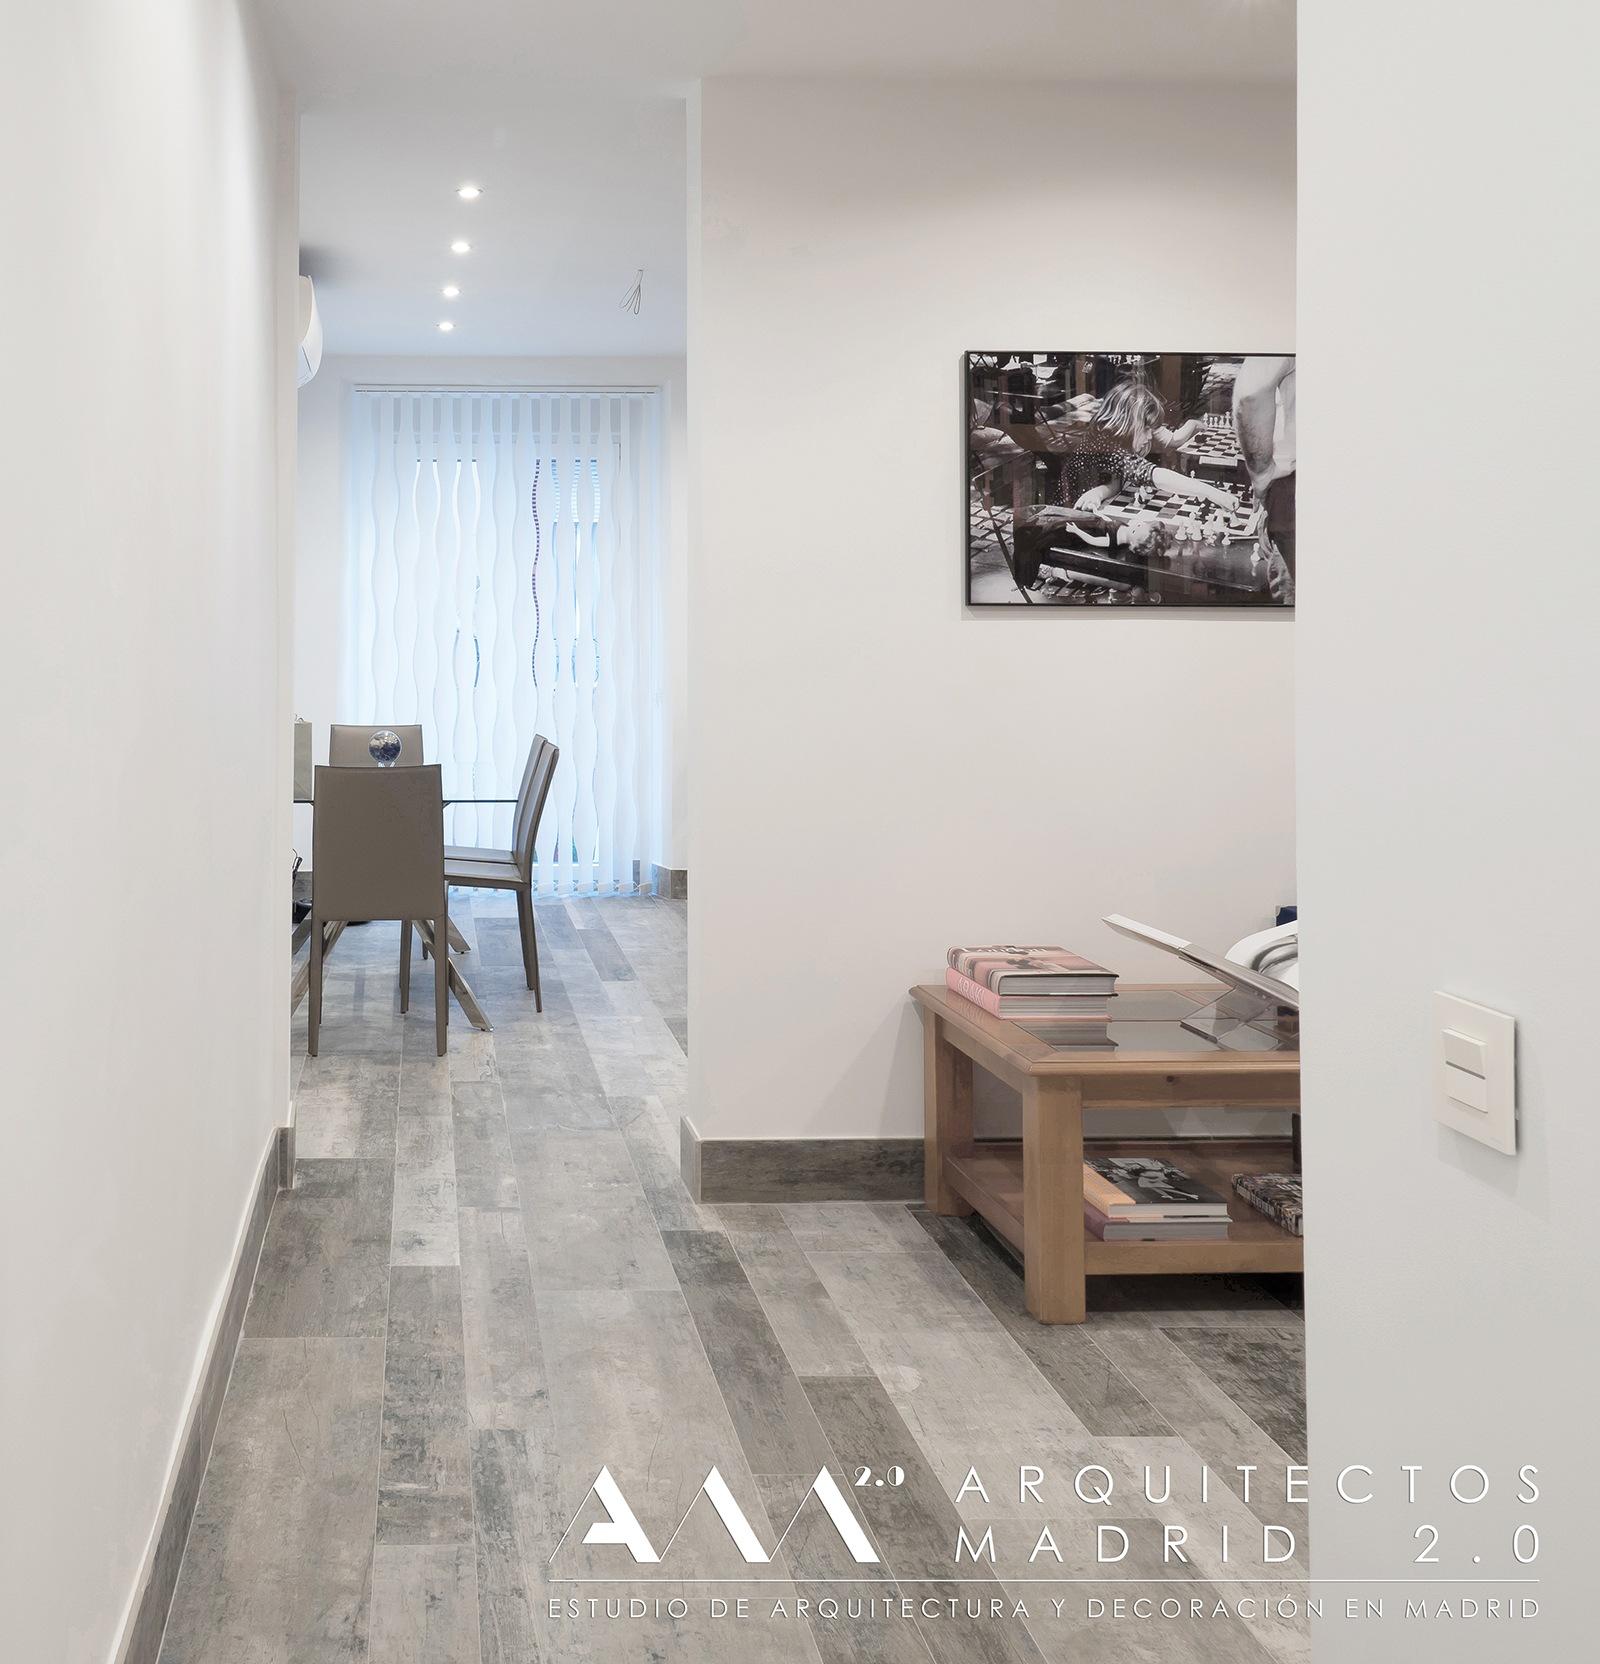 ideas-reformas-pisos-pequenos-viviendas-casas-decoracion-suelos-ceramicos-imitacion-madera-12